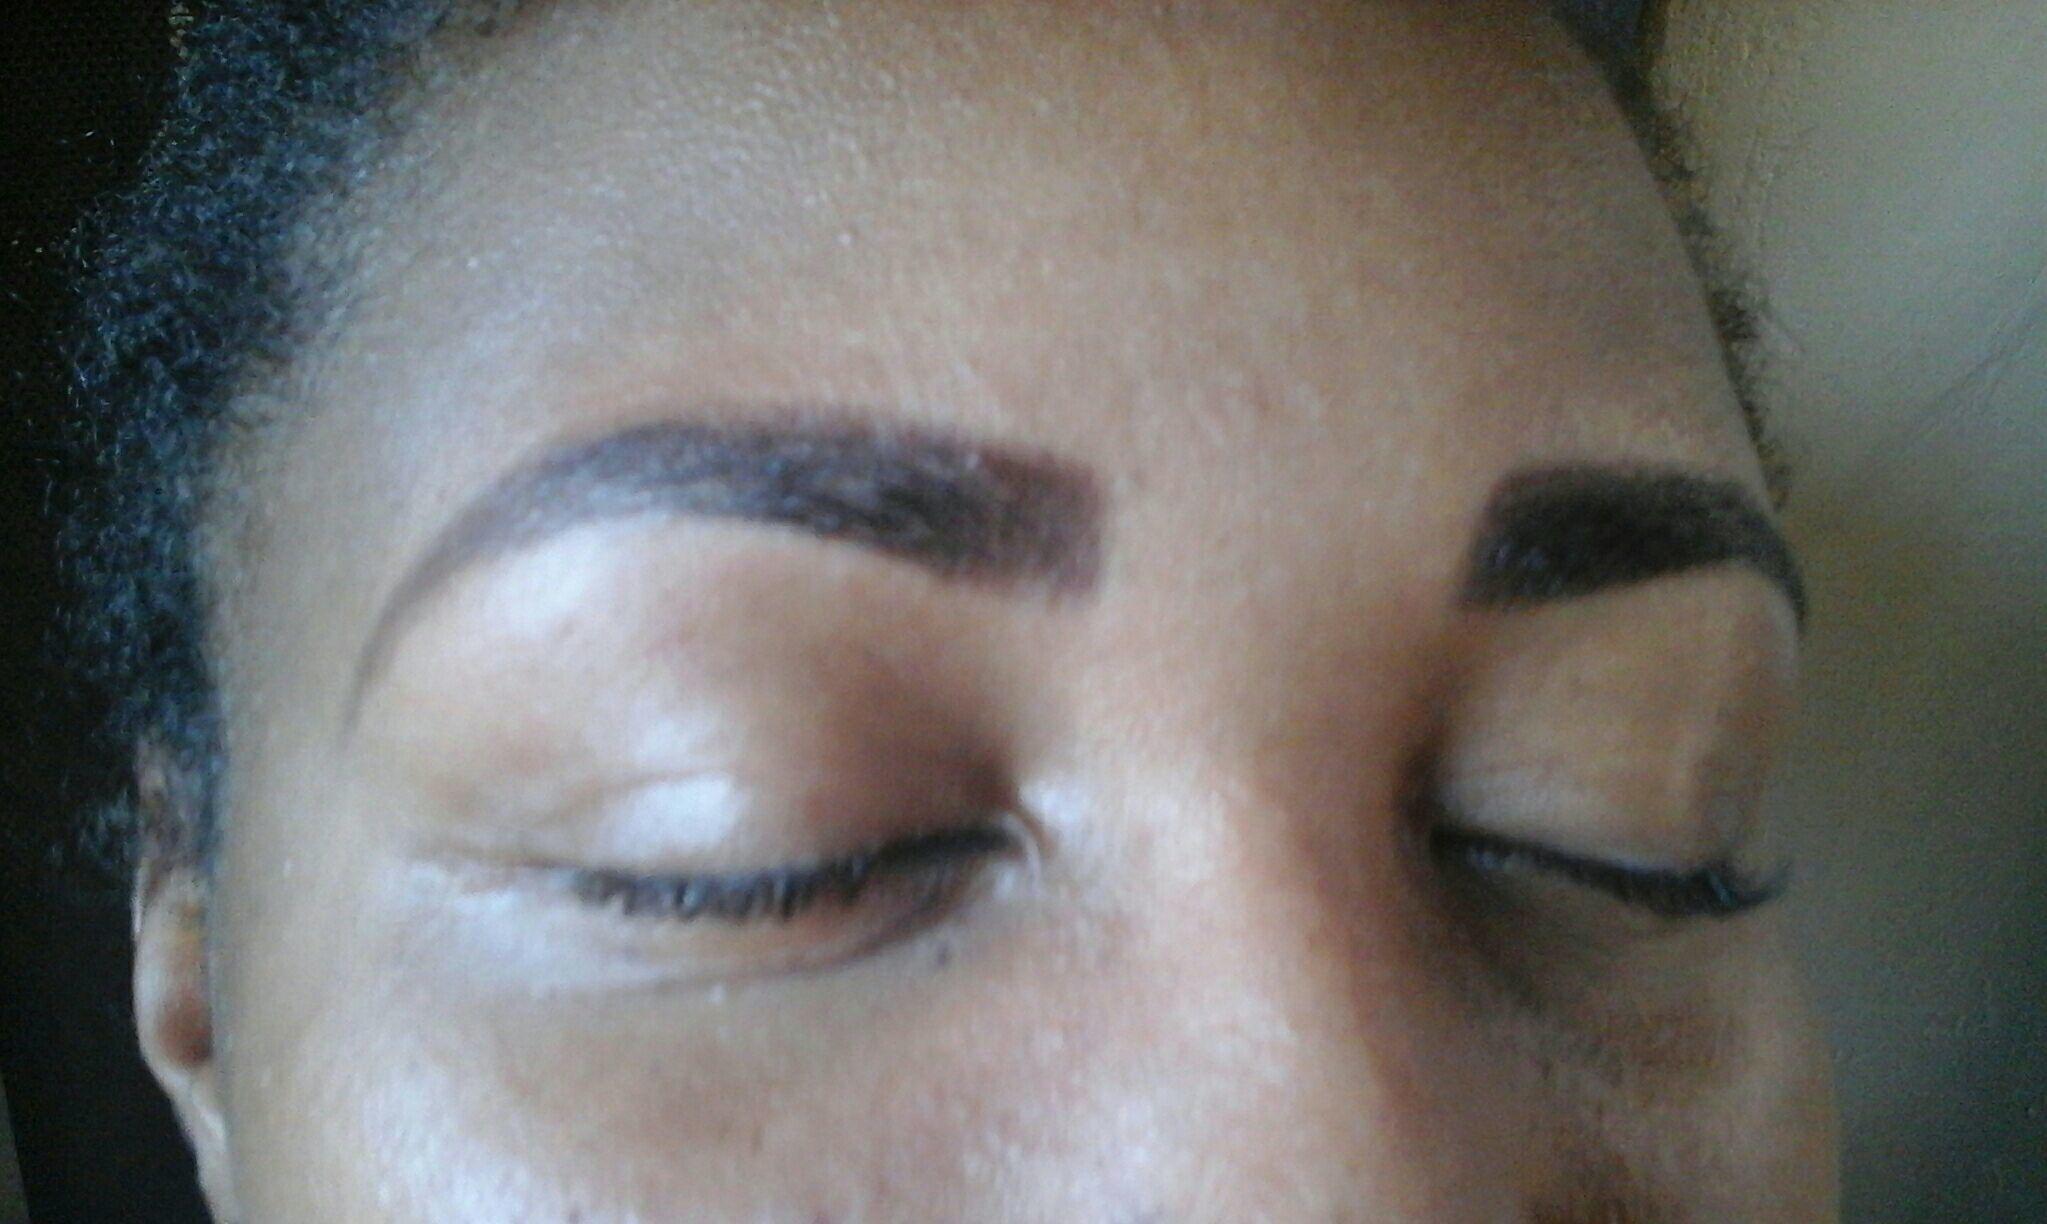 Design de sobrancelhas e  aplicação de henna. estética maquiador(a) assistente maquiador(a) designer de sobrancelhas depilador(a)